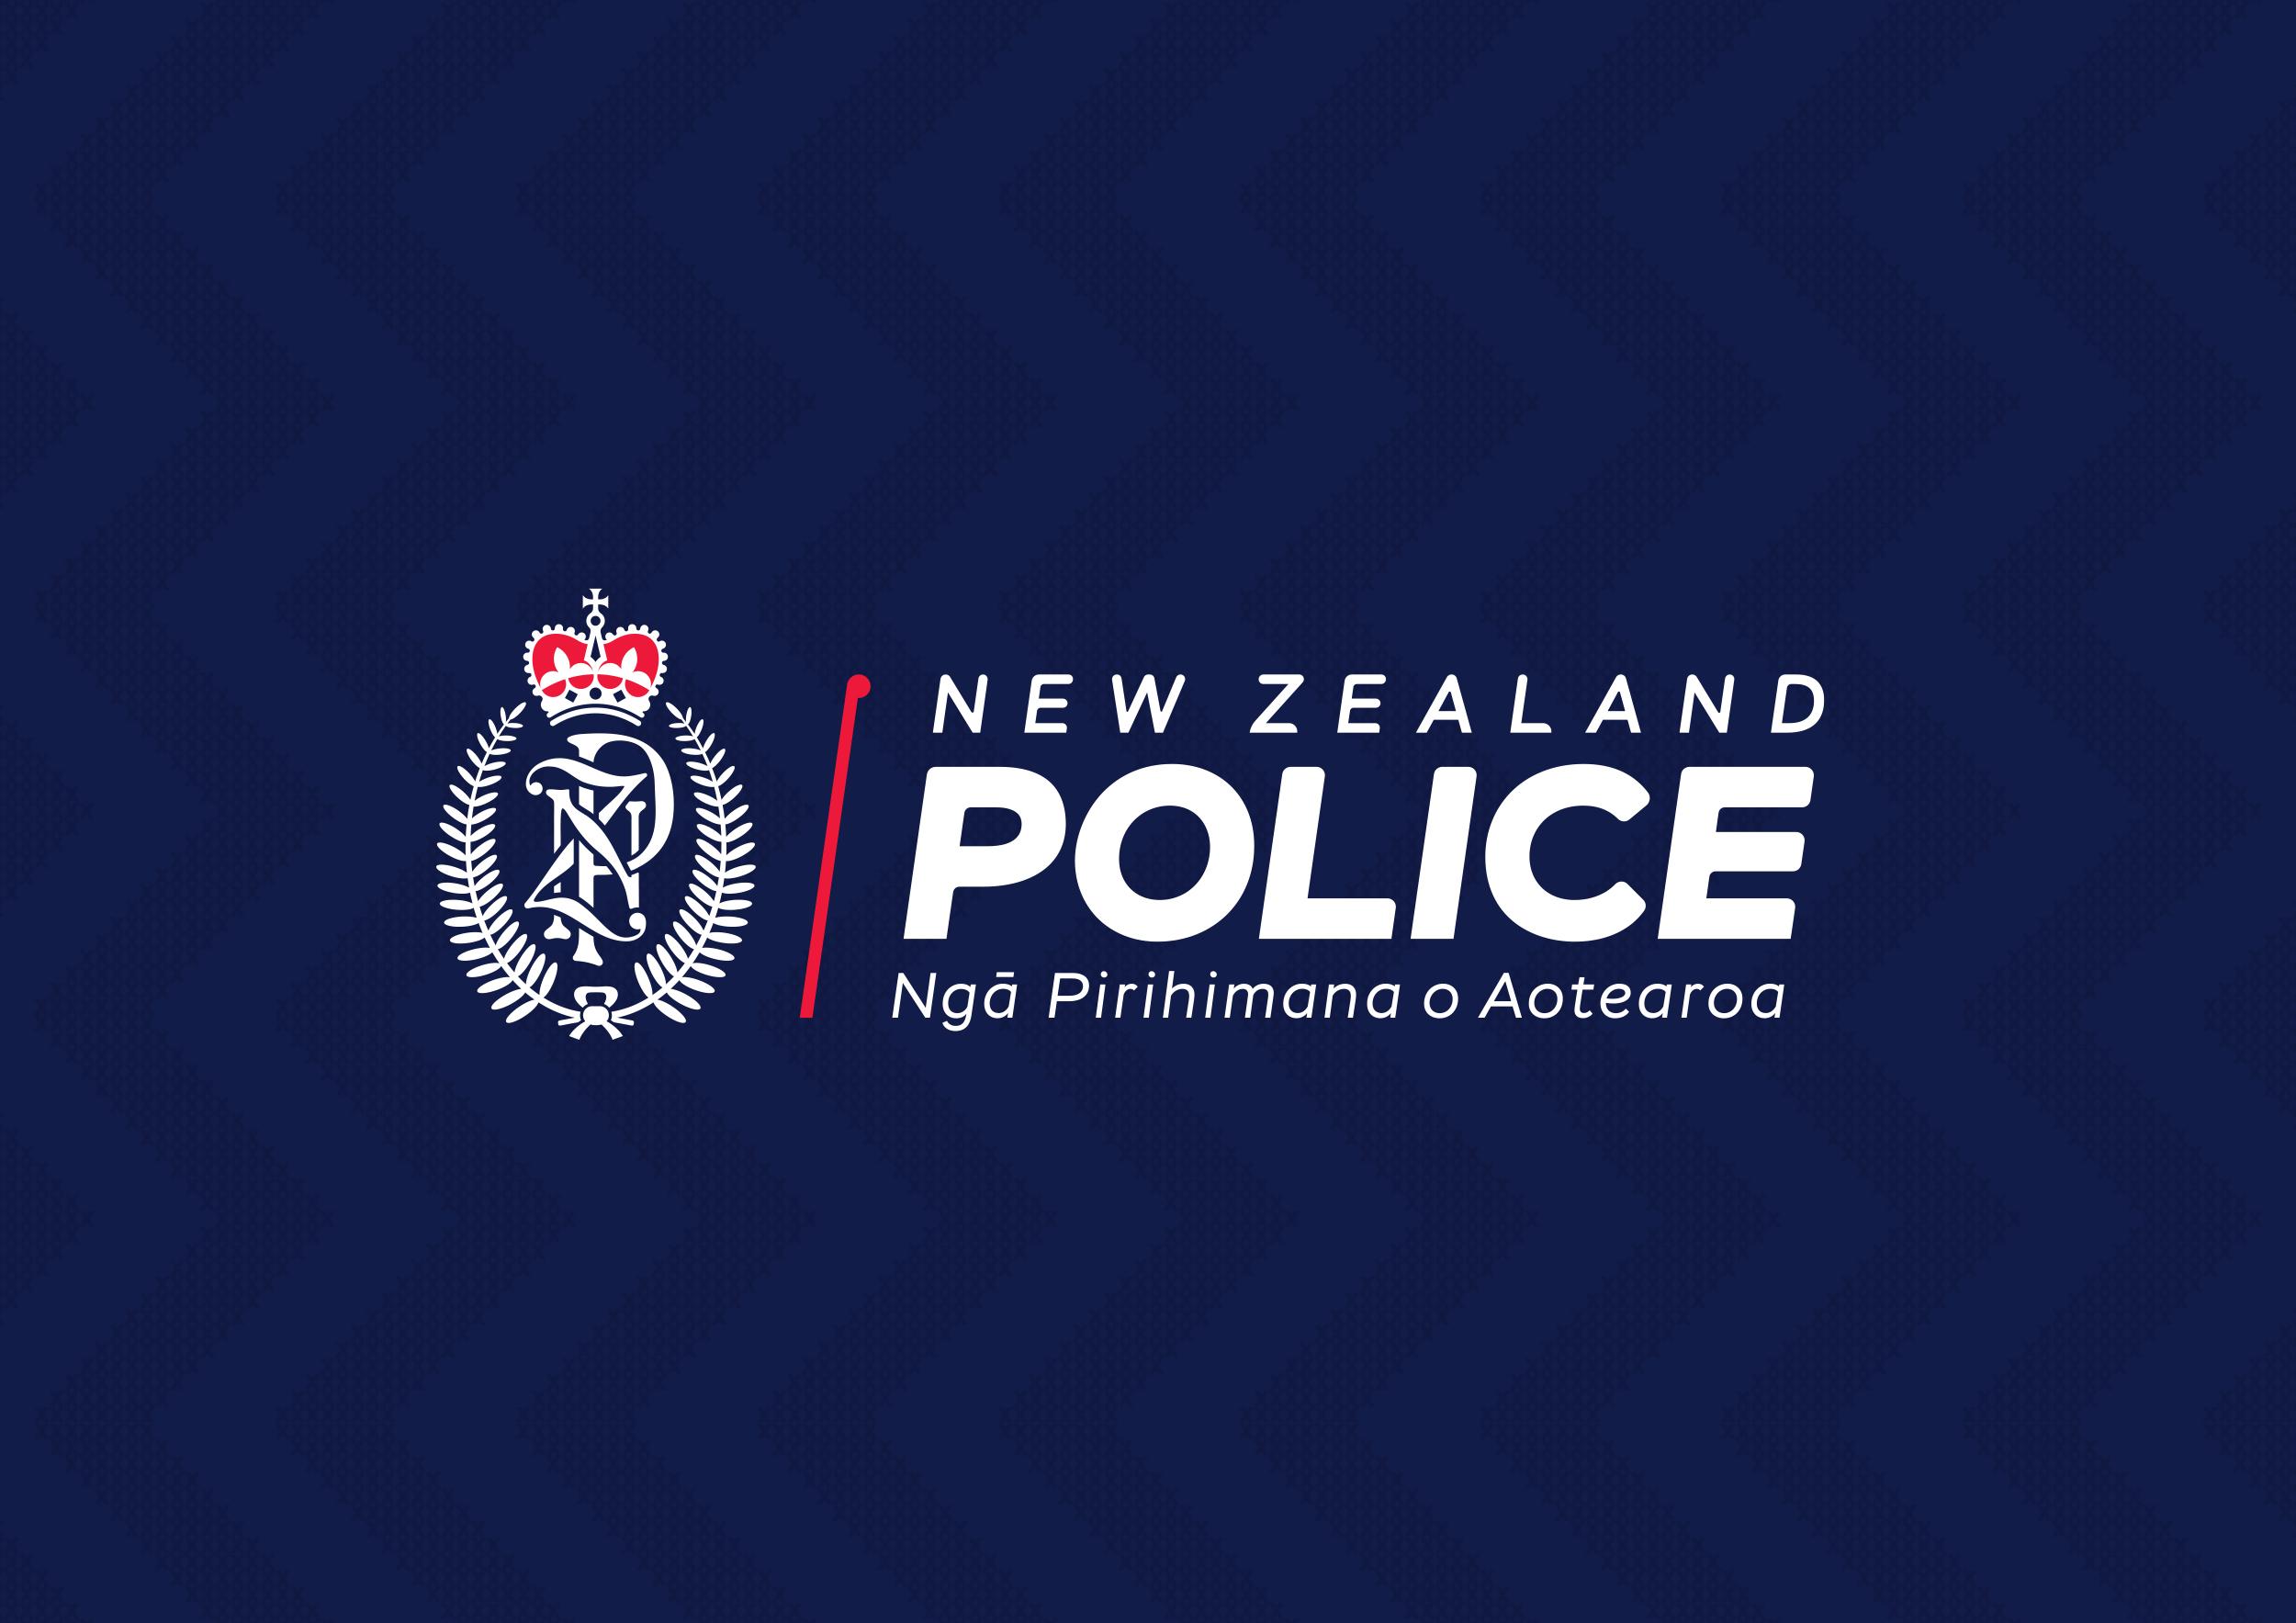 new-zealand-police-brand-identity